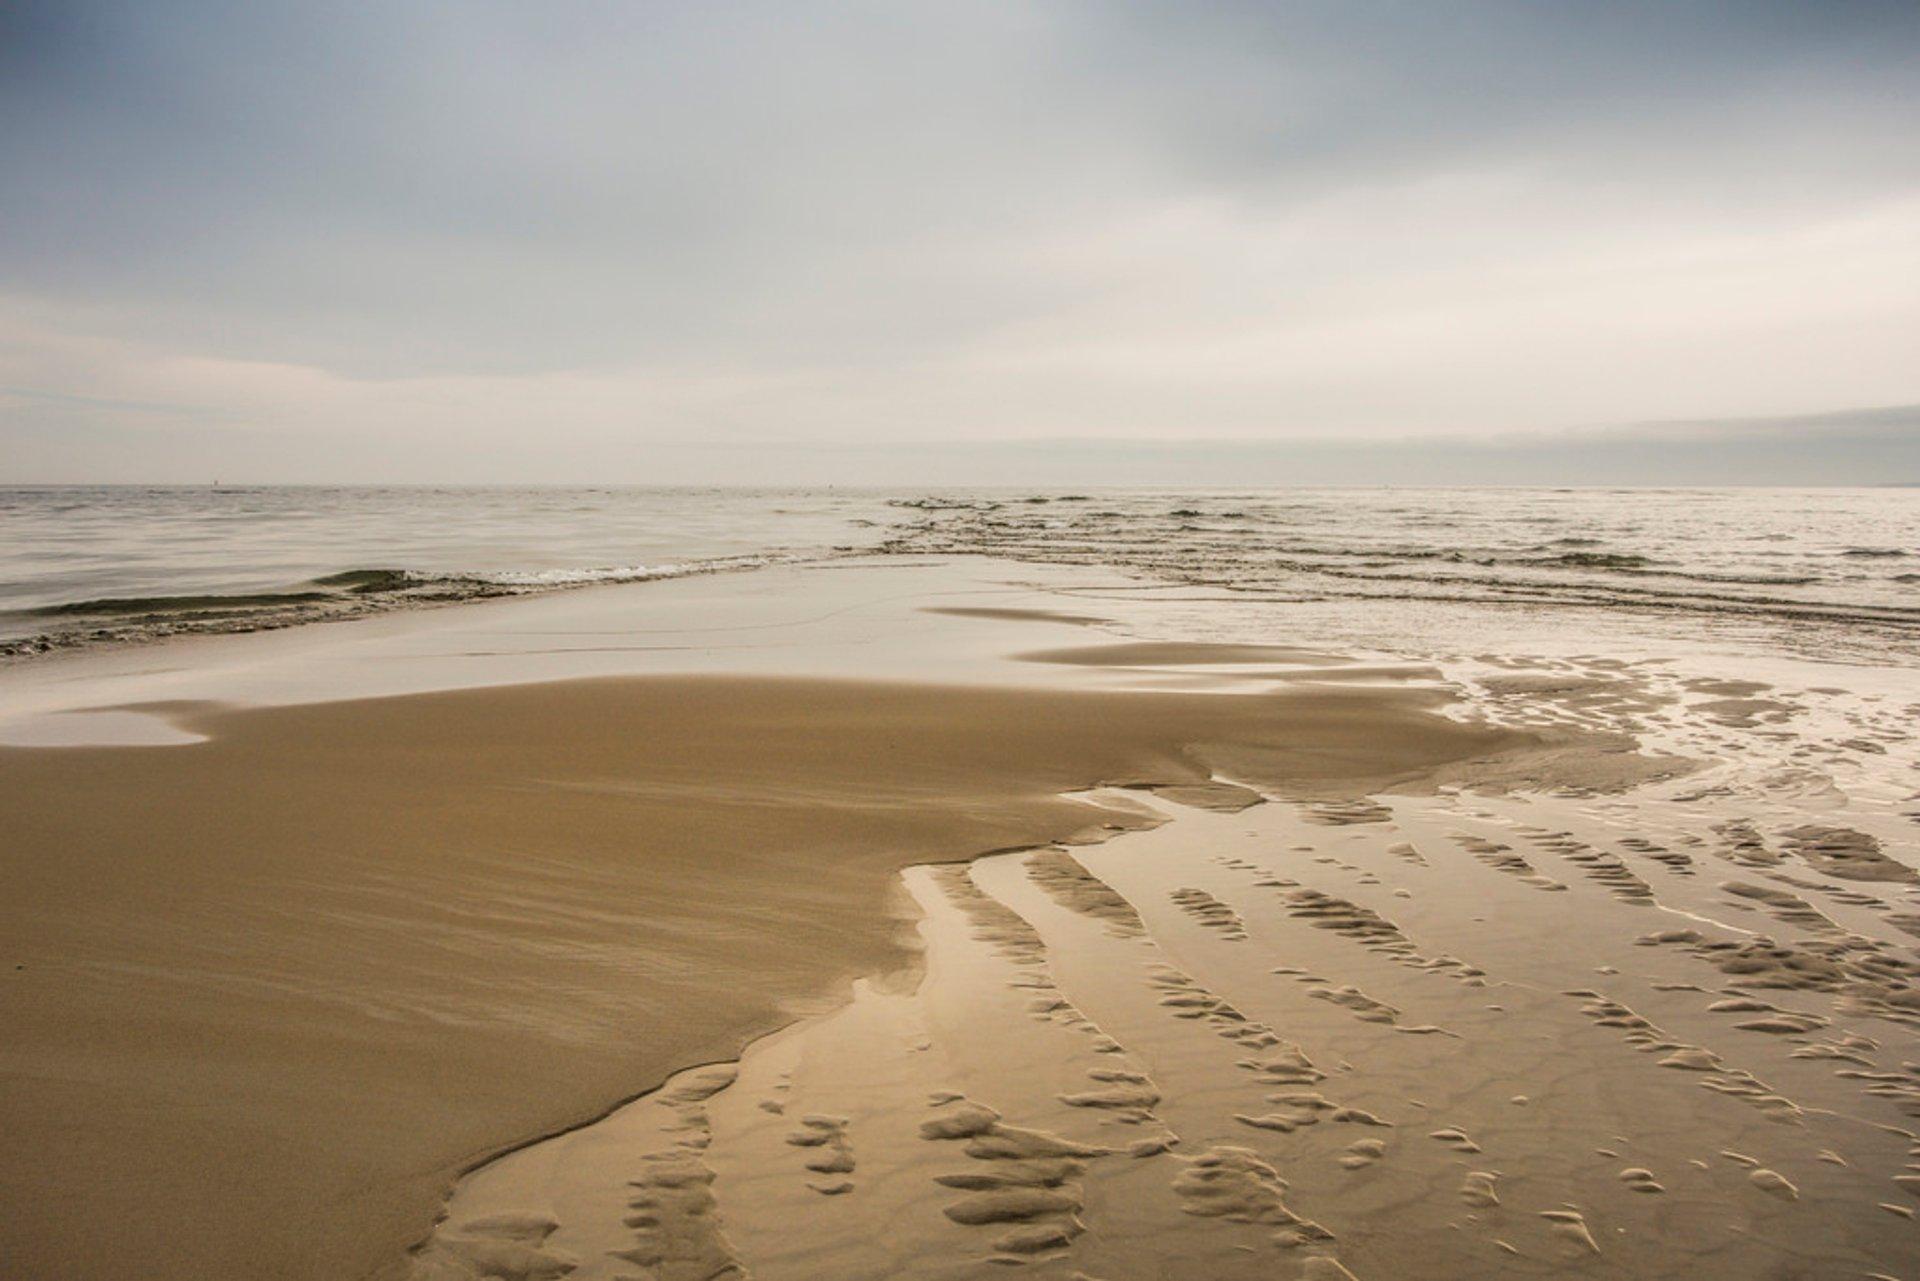 Crane Beach, Ipswich 2019